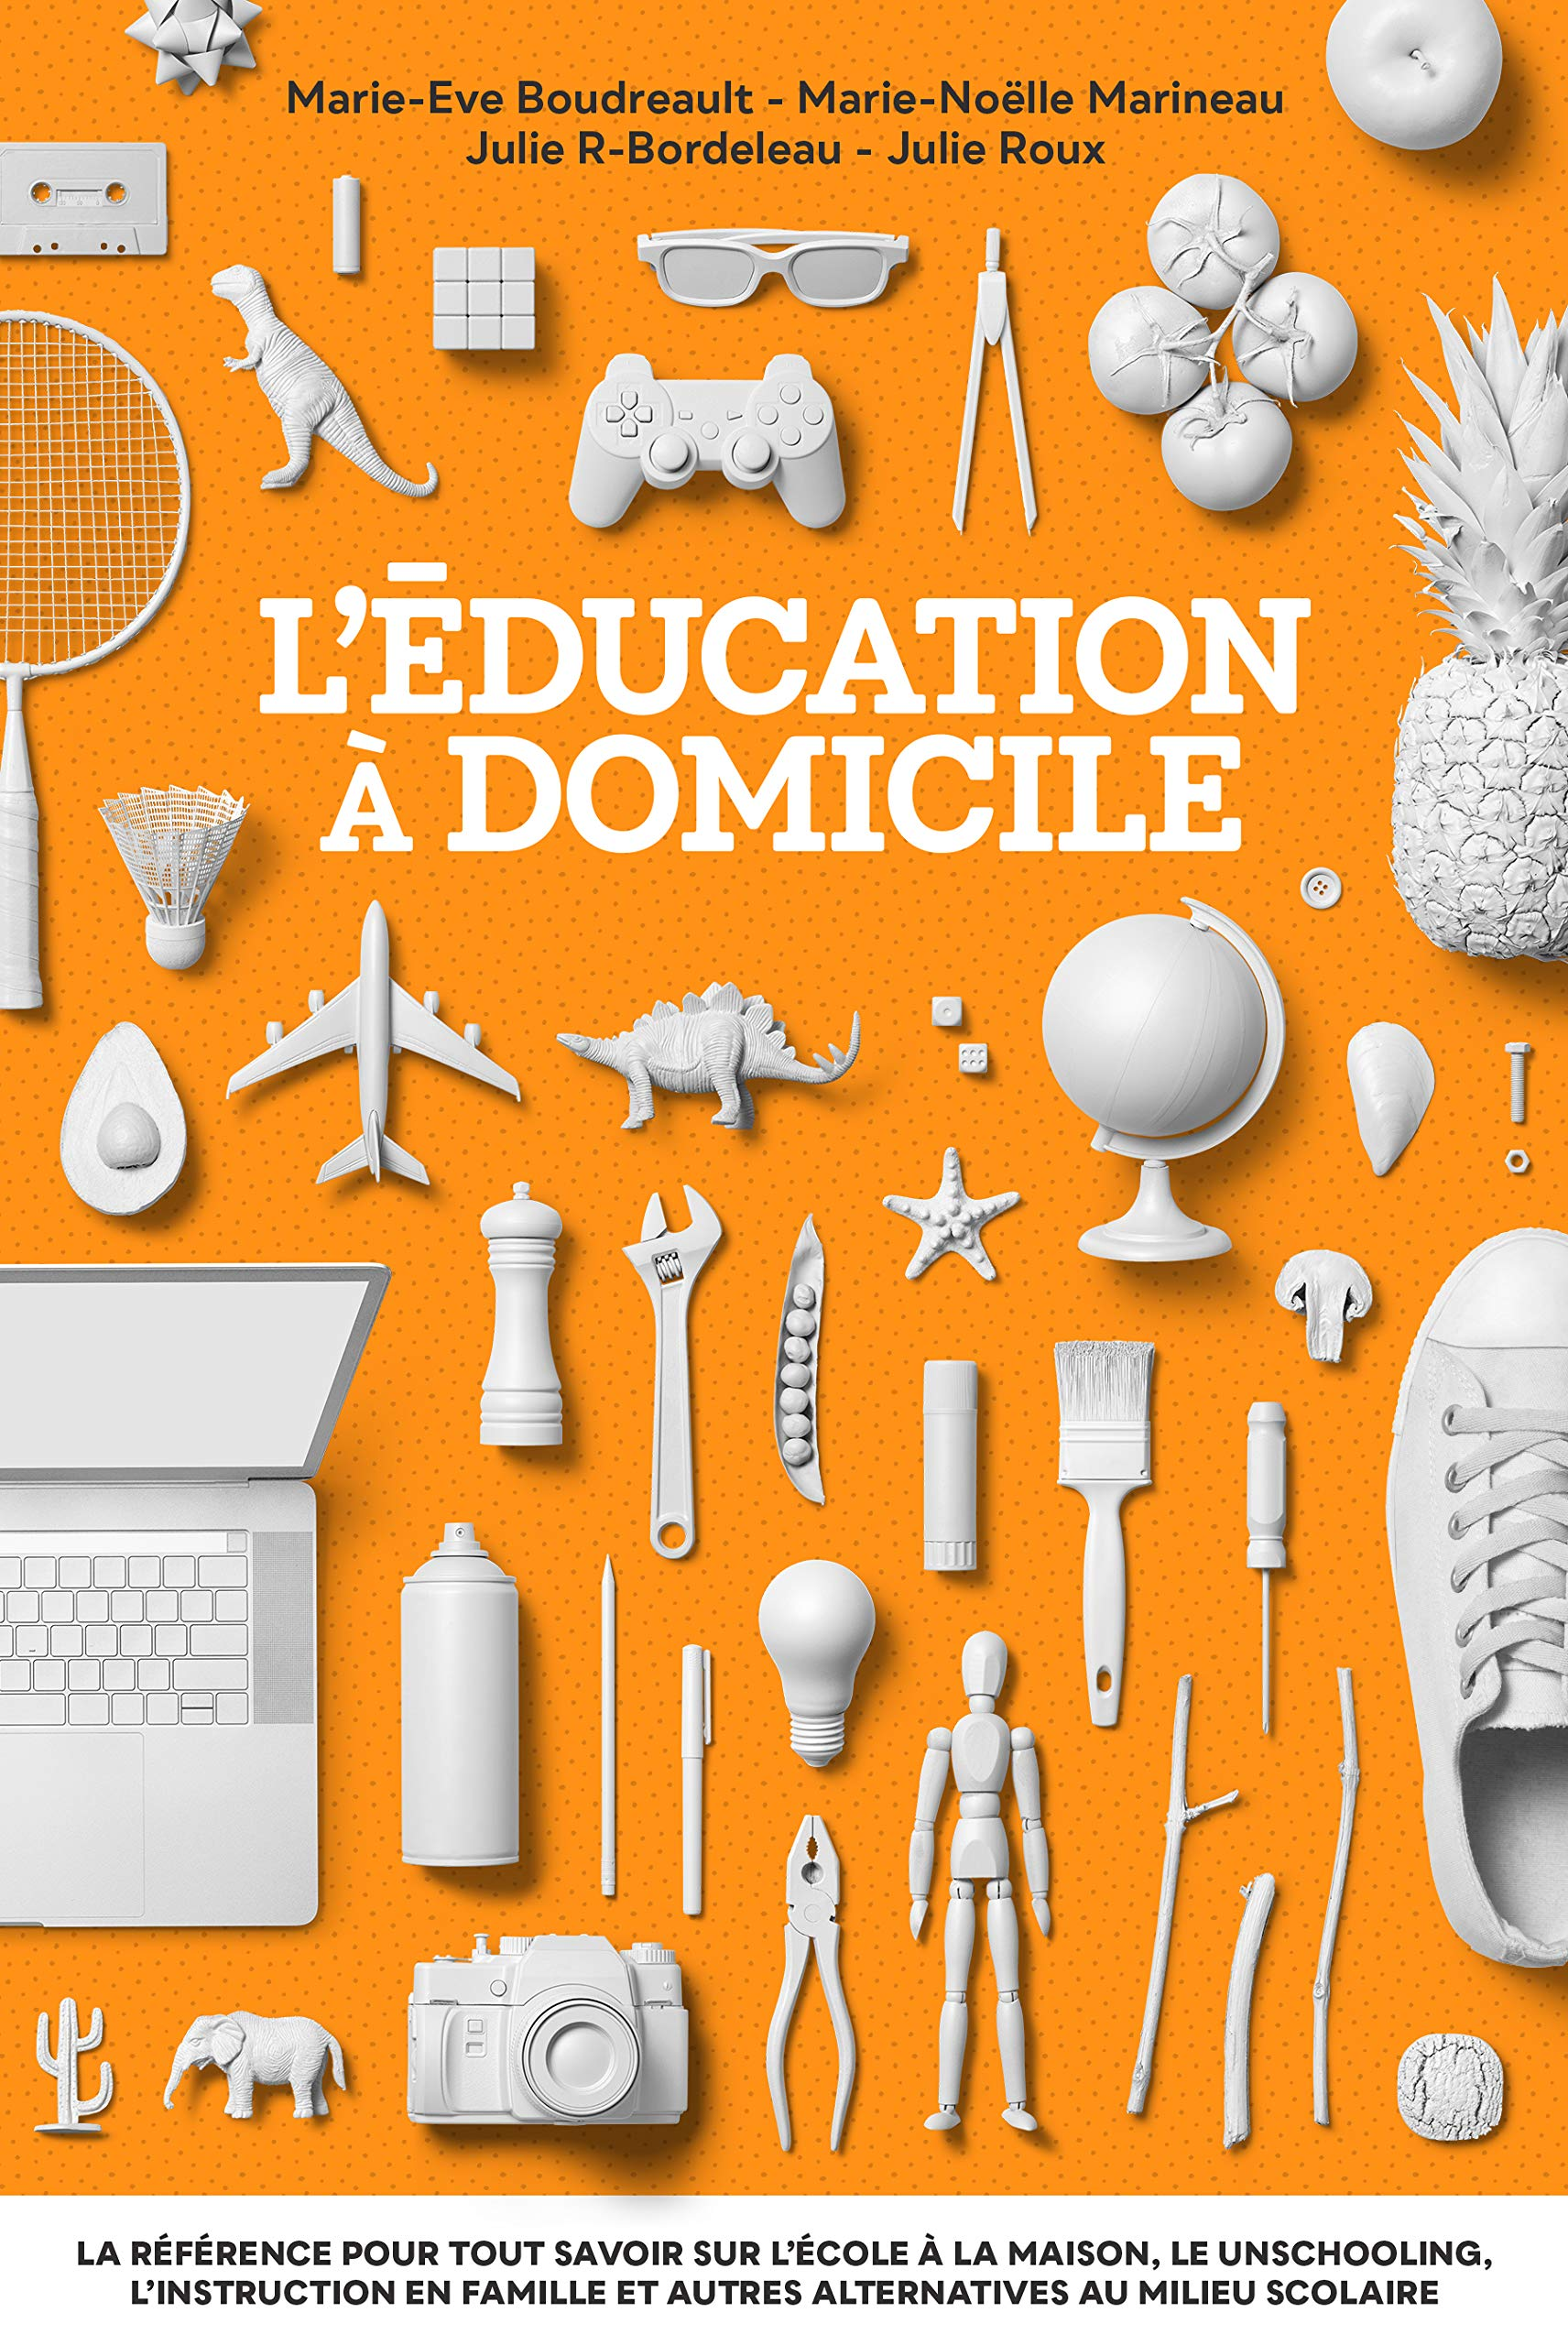 L'éducation à domicile: La référence pour tout savoir sur l'école à la maison, le unschooling, l'instruction en famille et autres alternatives au milieu scolaire Marie Noelle Marineau, Marie-Eve Boudreault, Julie Roux, Julie R-Bordeleau